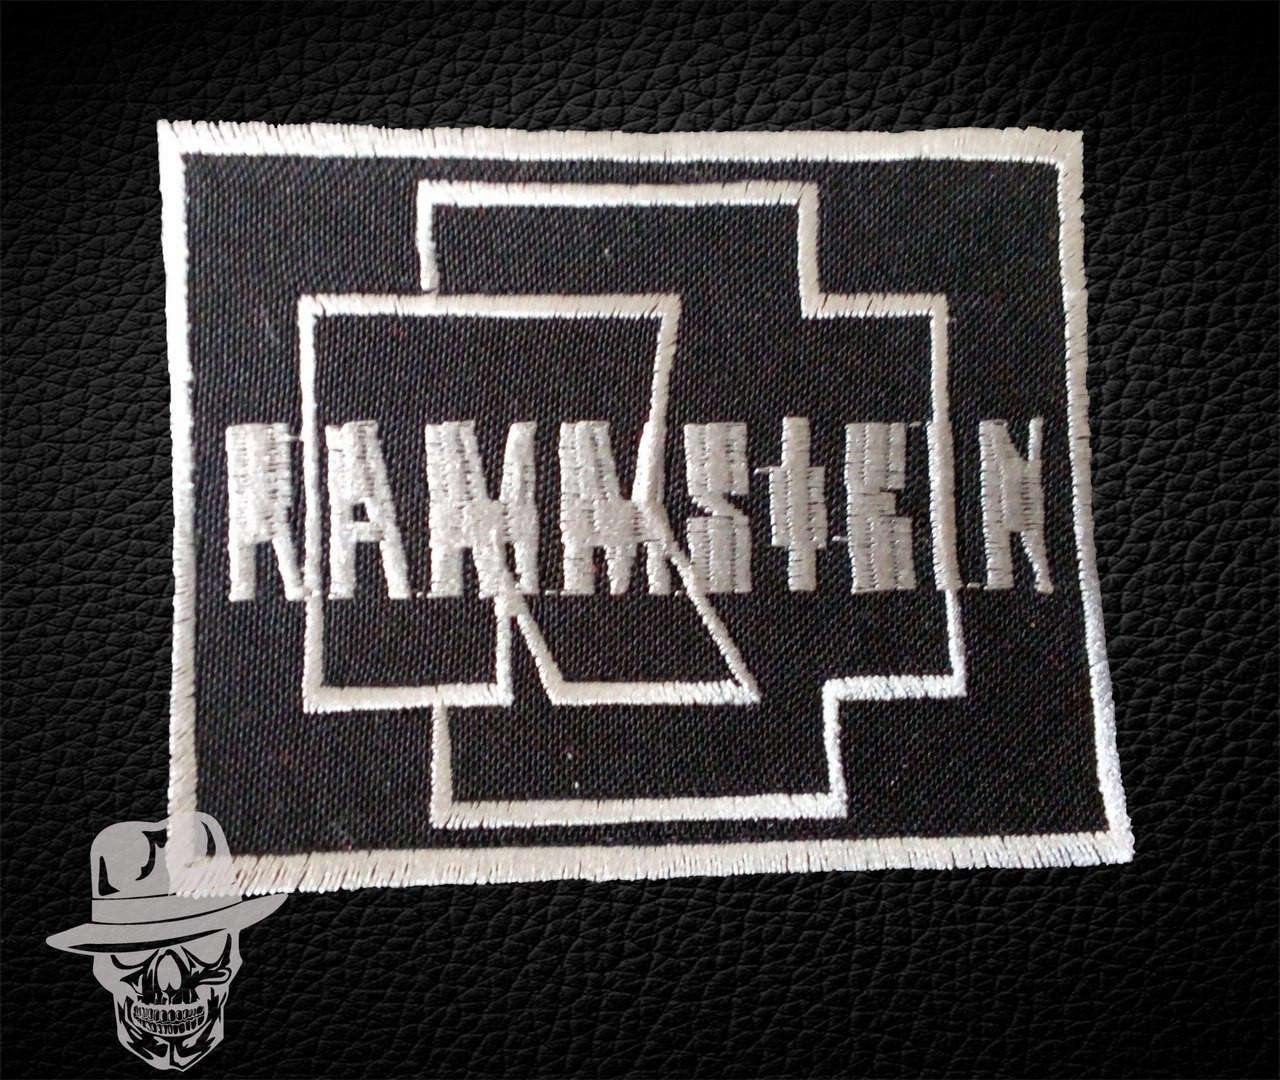 Рамштайн-2 (емблема) - нашивка з вишивкою